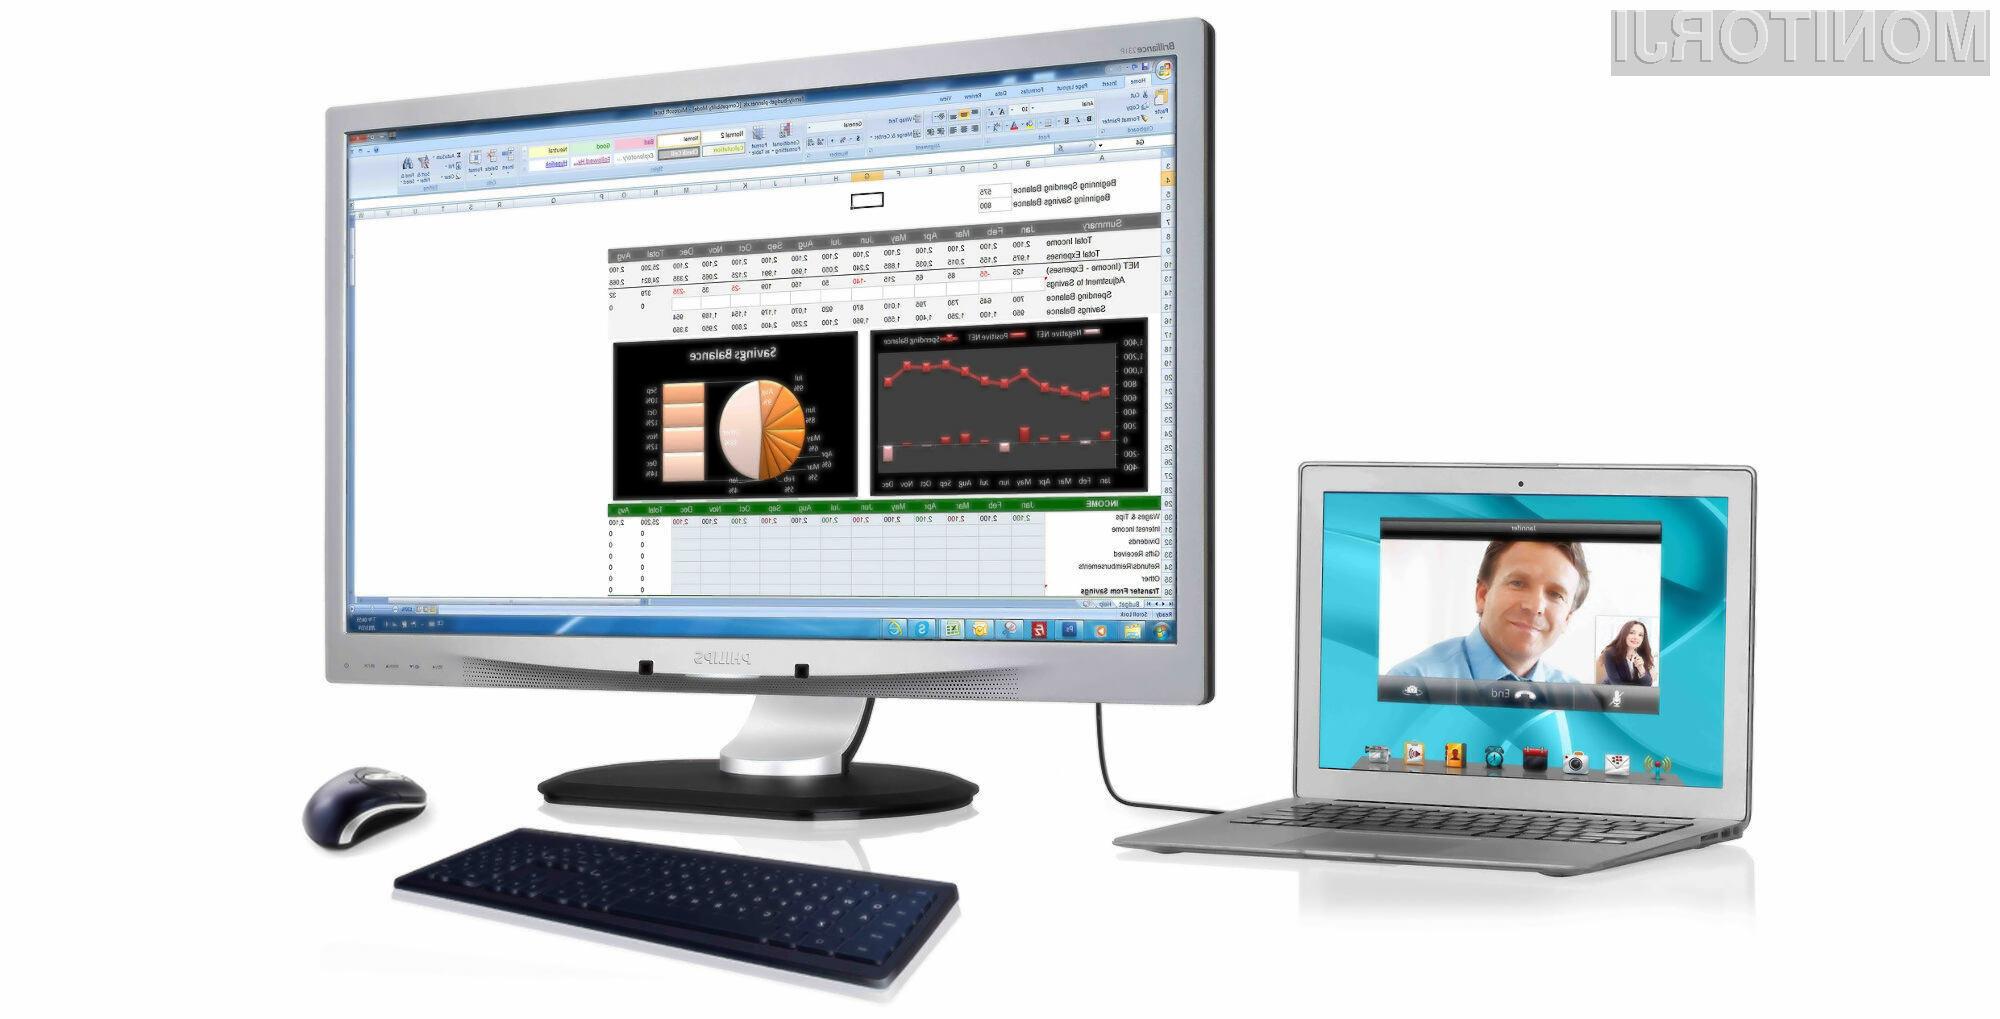 Novi Philipsov monitor omogoča povečanje delovnega prostora s povezavo prenosnega računalnika z računalniško periferijo ter dostop do interneta s SuperSpeed USB kablom.